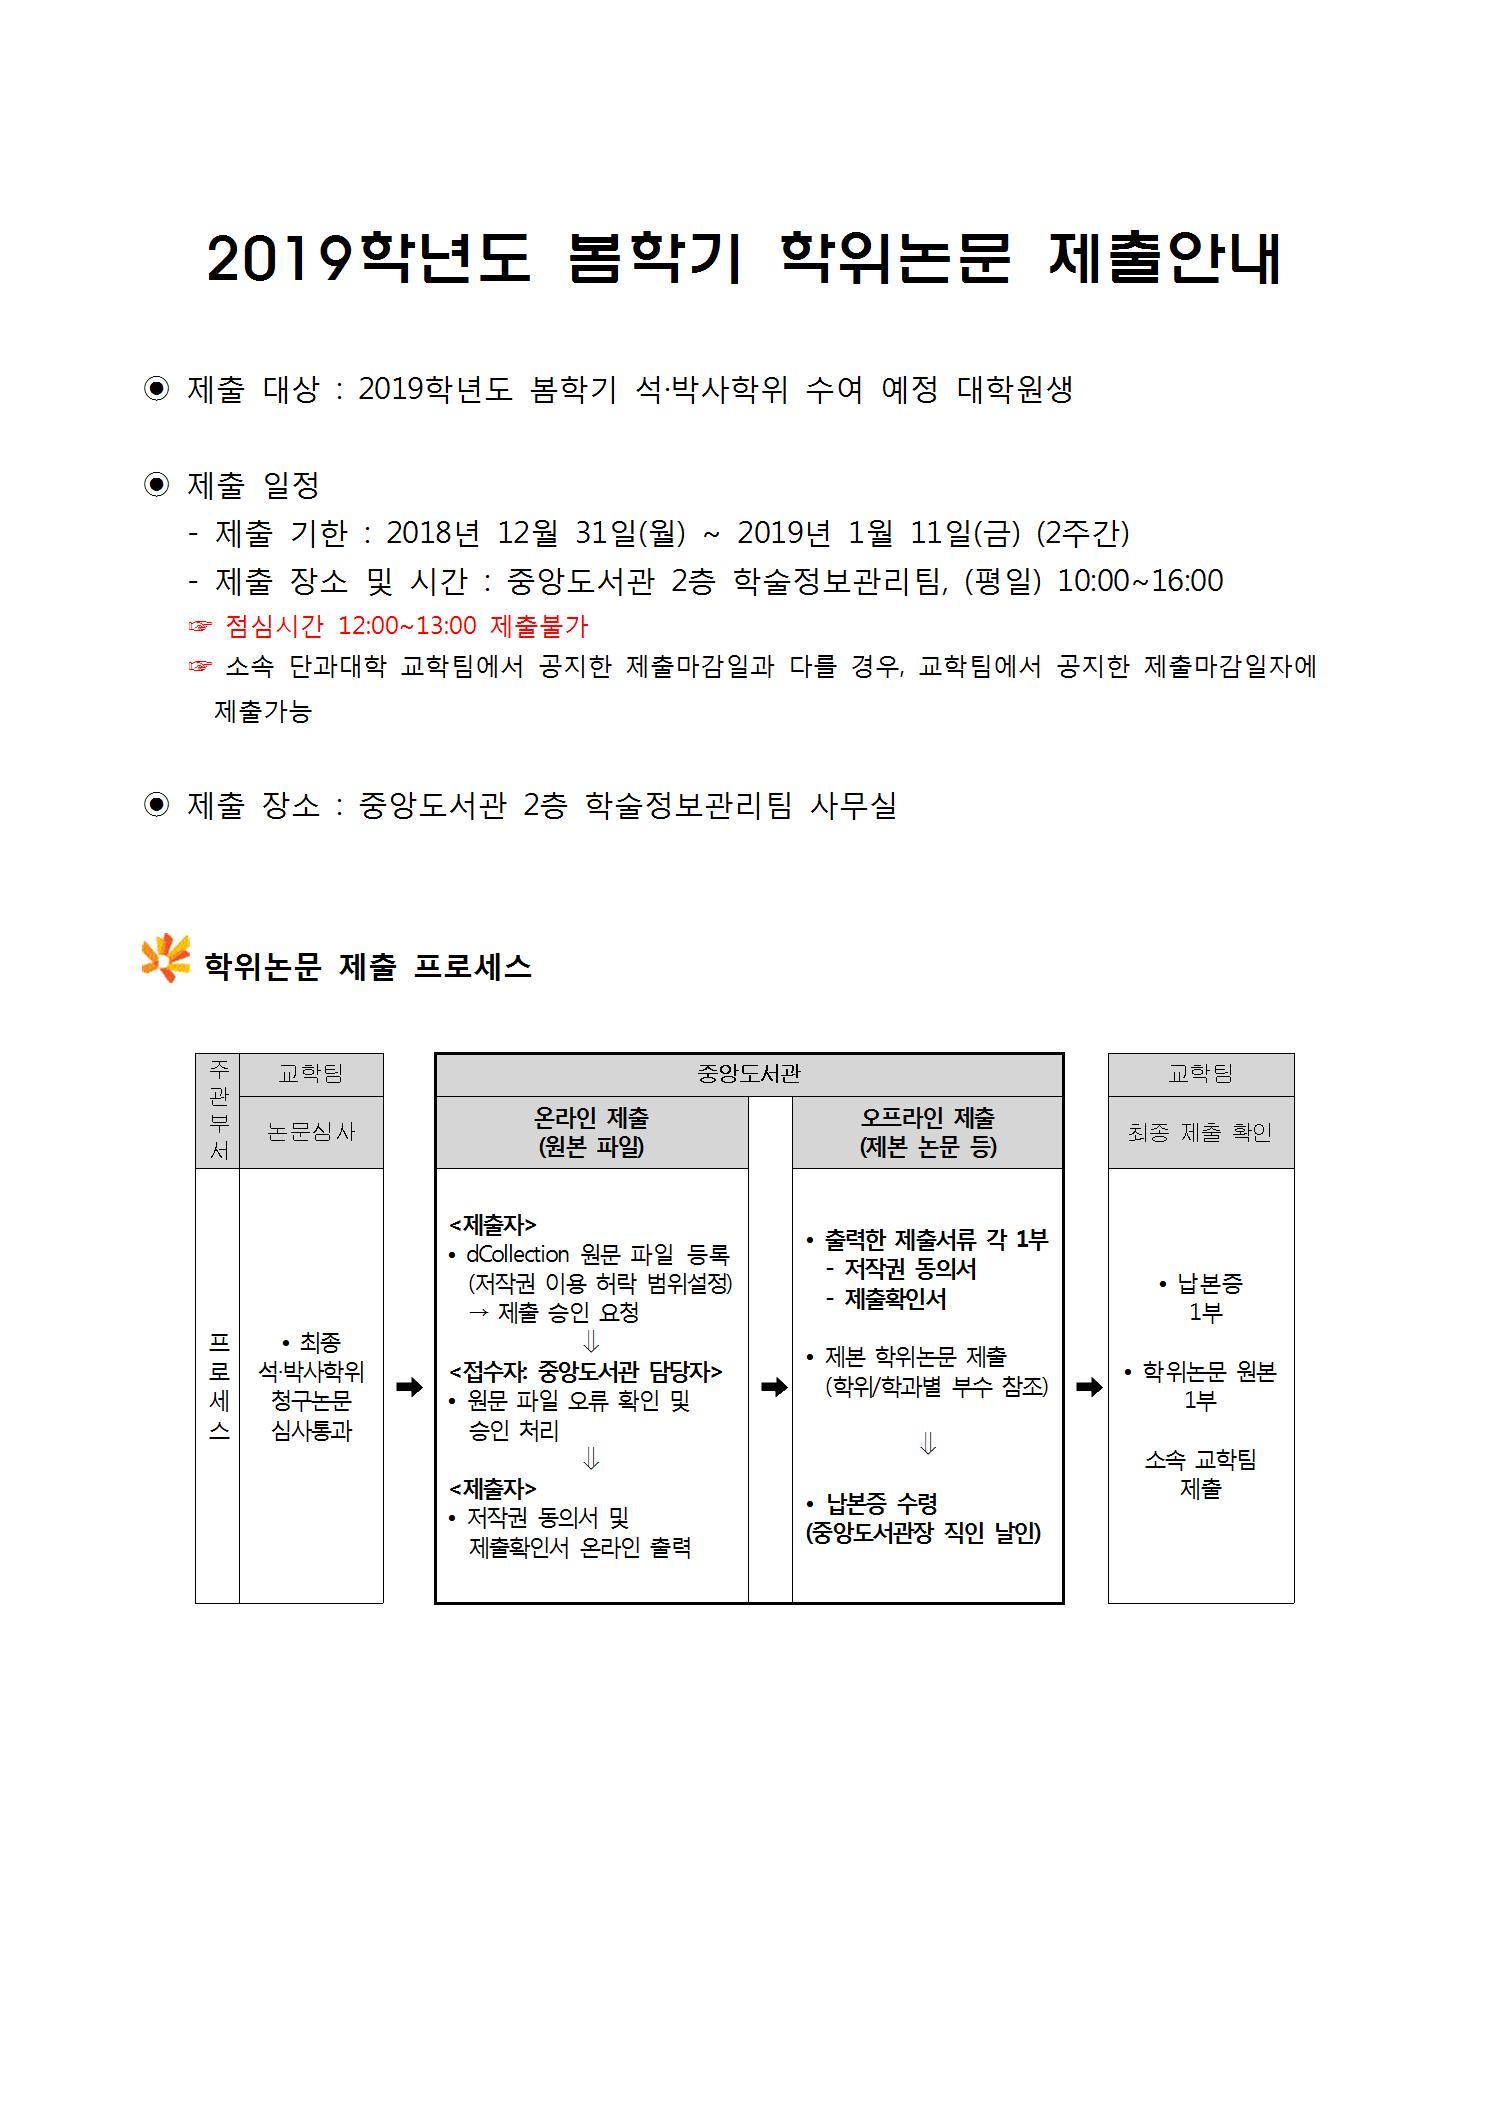 1. 학위논문 제출시 필독사항(이용자용)_2019학년도 봄학기001